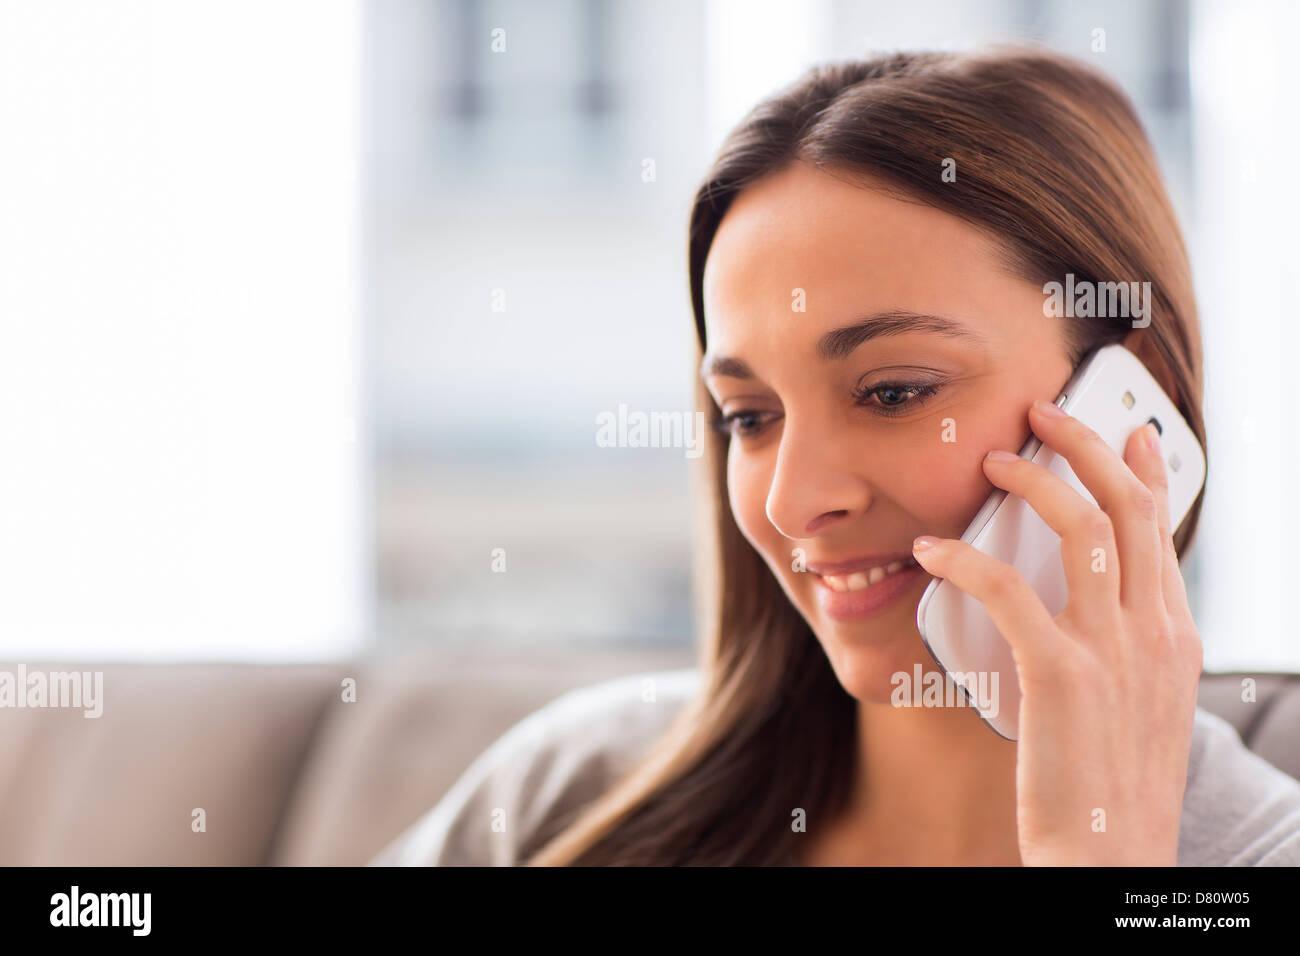 Hübsche junge Frau mit weißen Handy zu Hause Stockbild